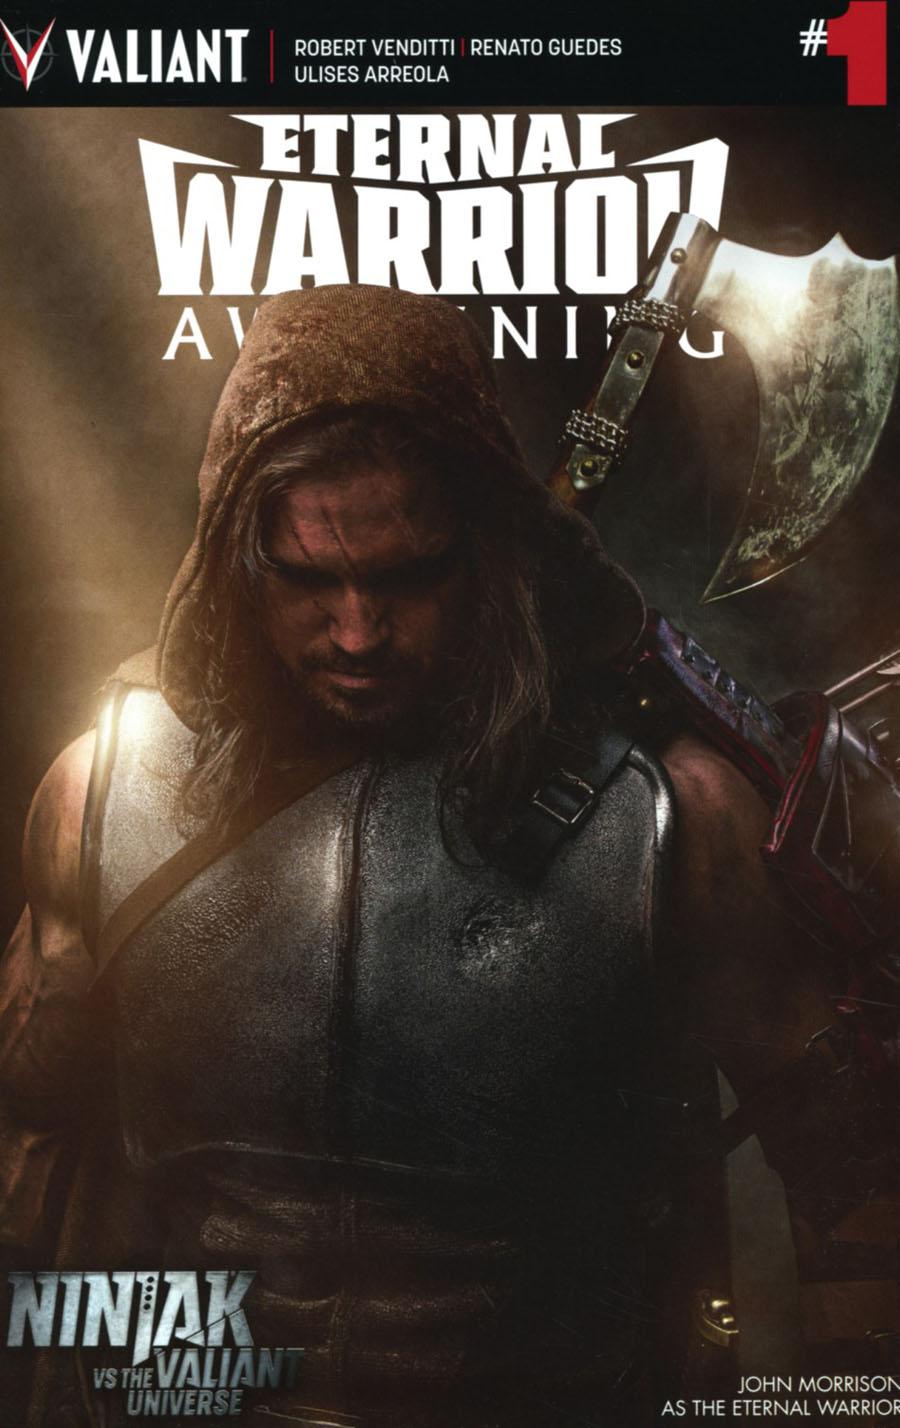 Eternal Warrior Awakening #1 Cover C Variant Ninjak vs The Valiant Universe Cover